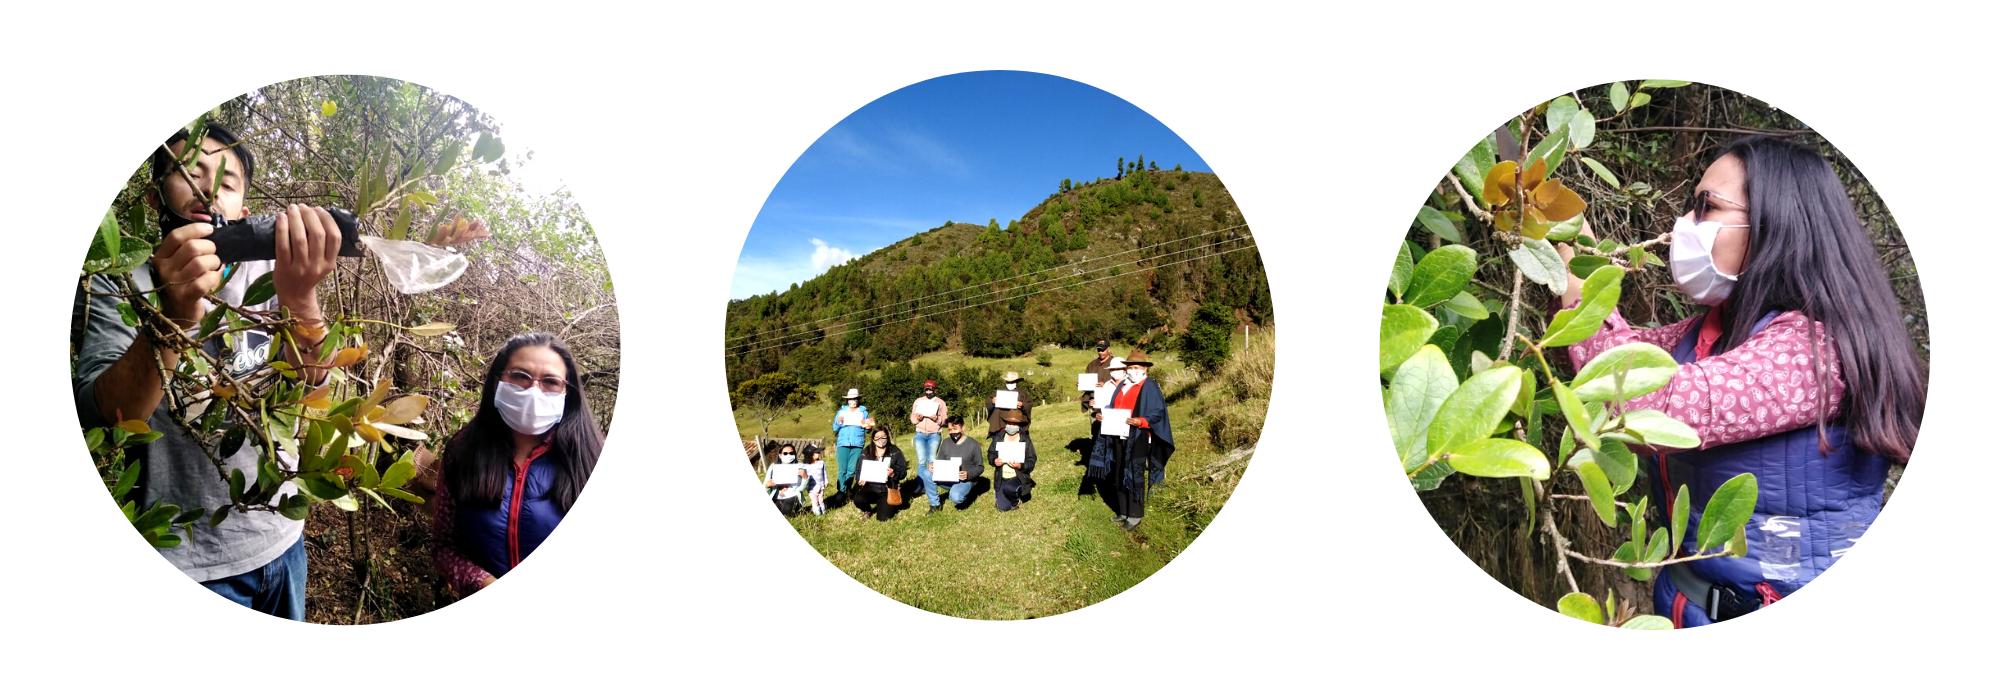 Grupo comunitario Asociación Ecológica de Producción de Frutos Andinos